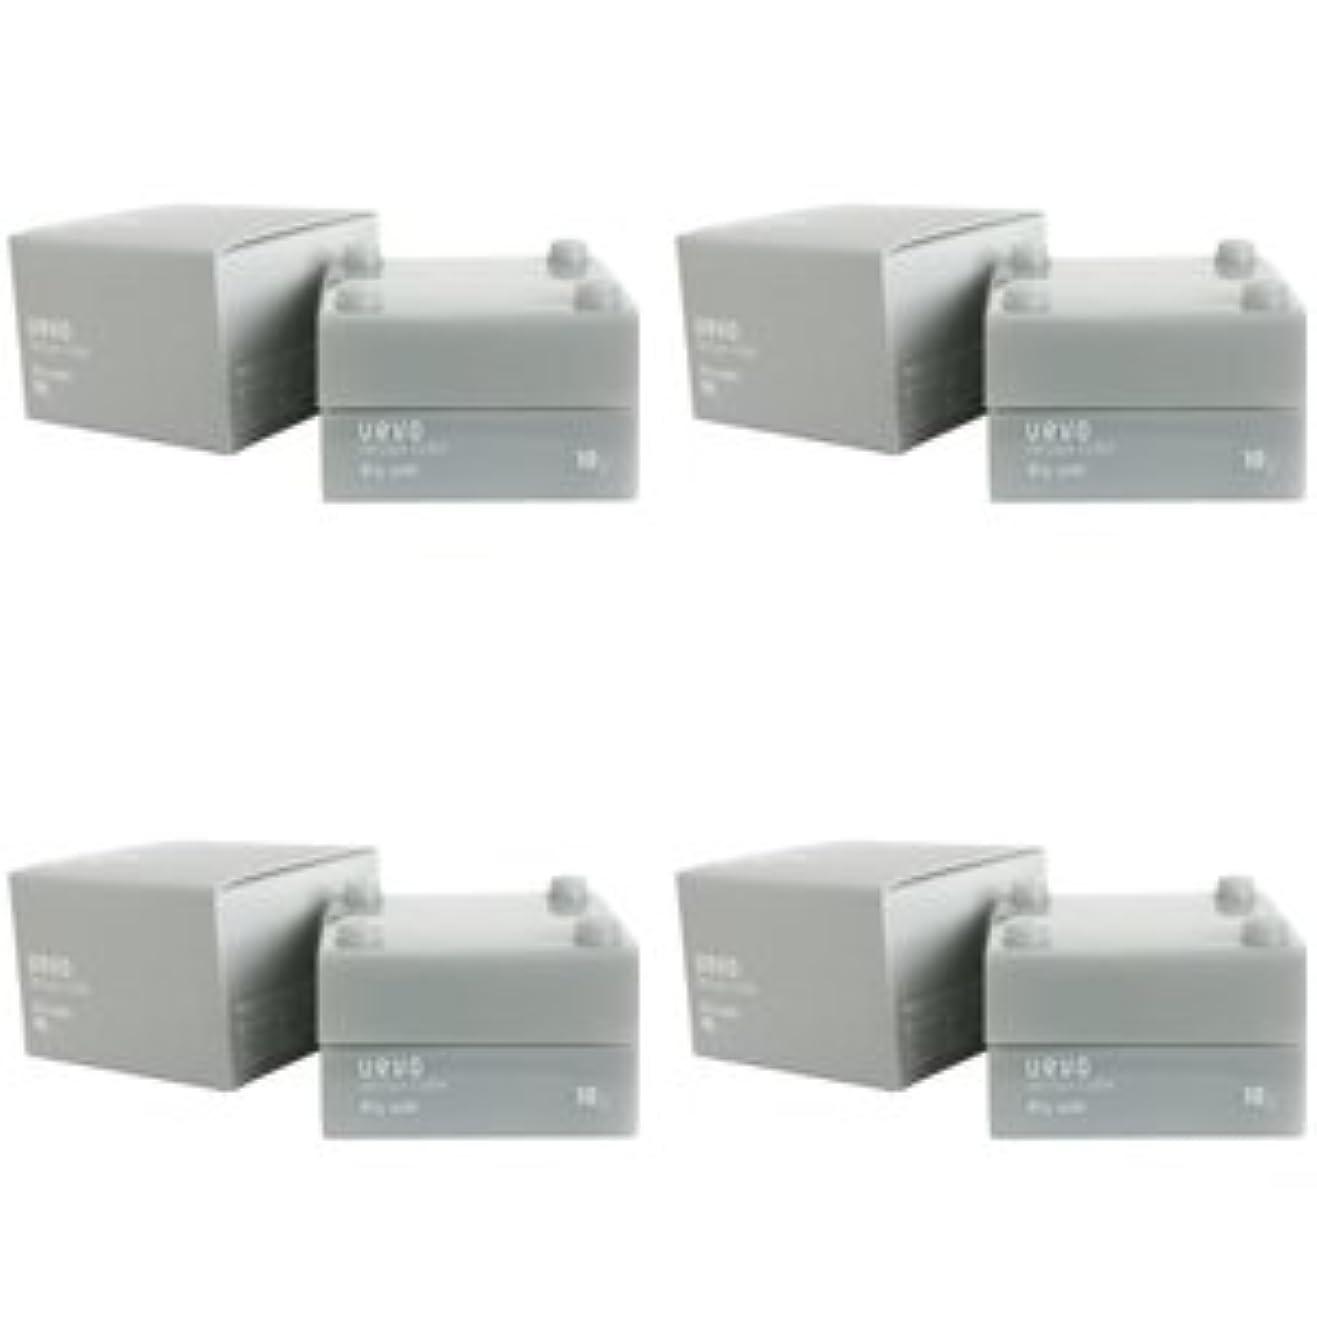 全滅させる書店くぼみ【X4個セット】 デミ ウェーボ デザインキューブ ドライワックス 30g dry wax DEMI uevo design cube